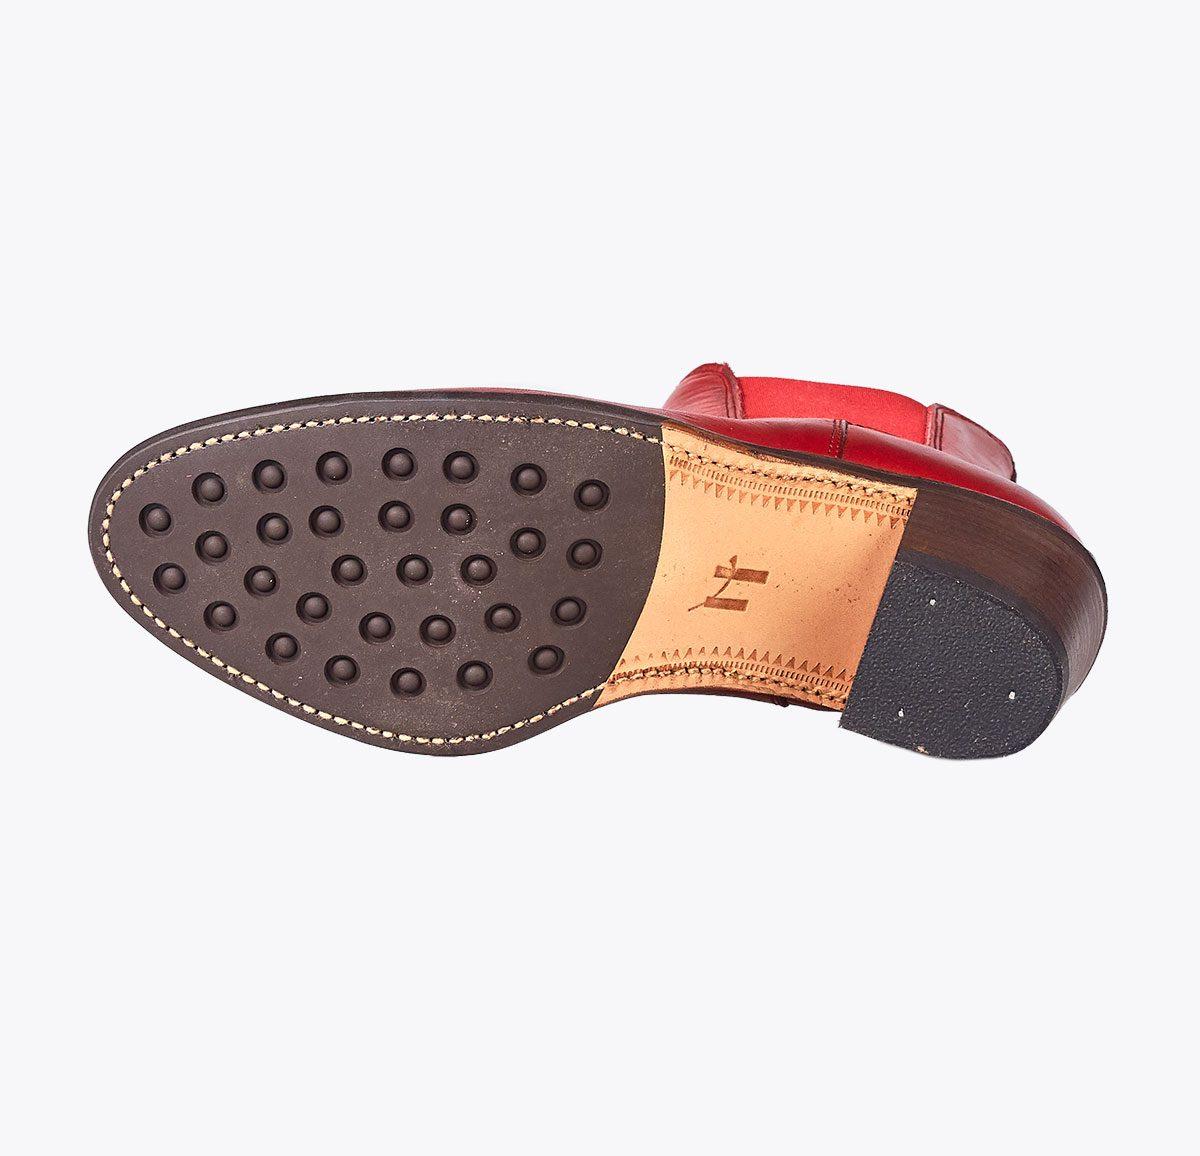 Botín Moldeada tacón rojo, tailor made shoes, schuhe nach mass en mandalashoes Santanyí Mallorca